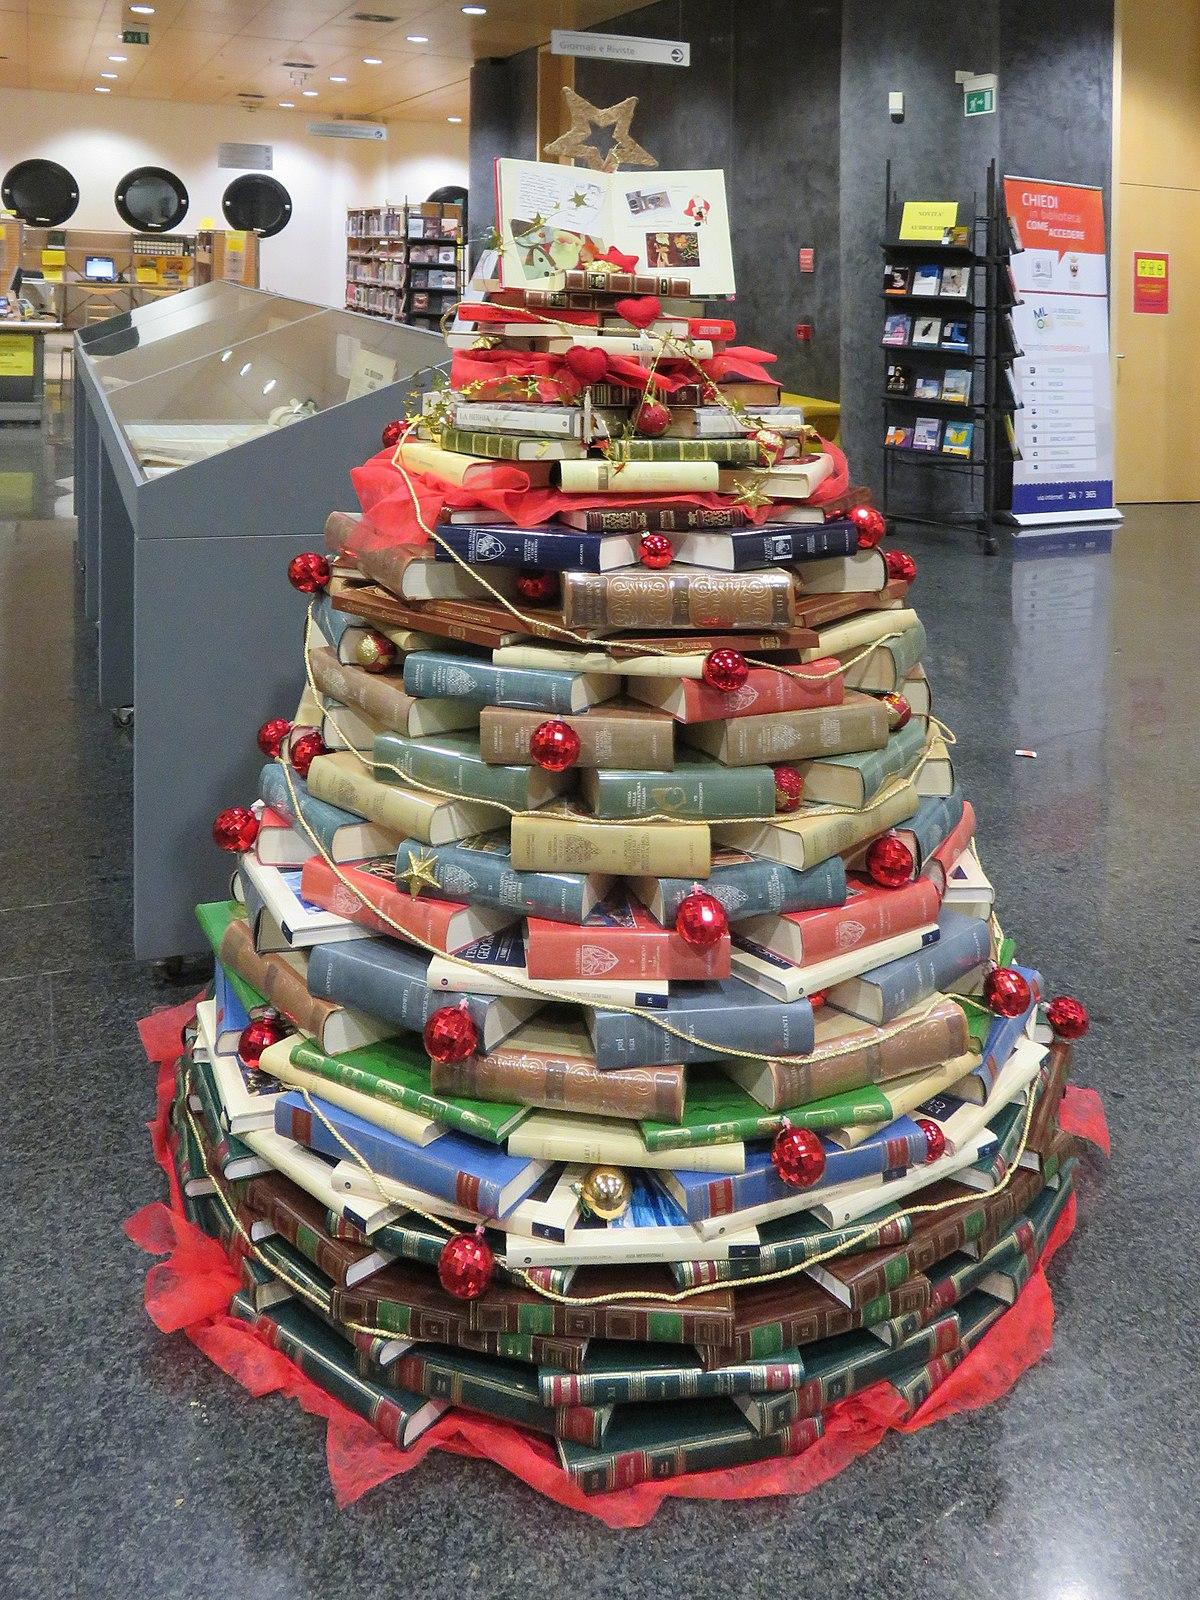 Albero Di Natale Wikipedia.File Albero Di Natale In Biblioteca Rovereto Jpg Wikipedia